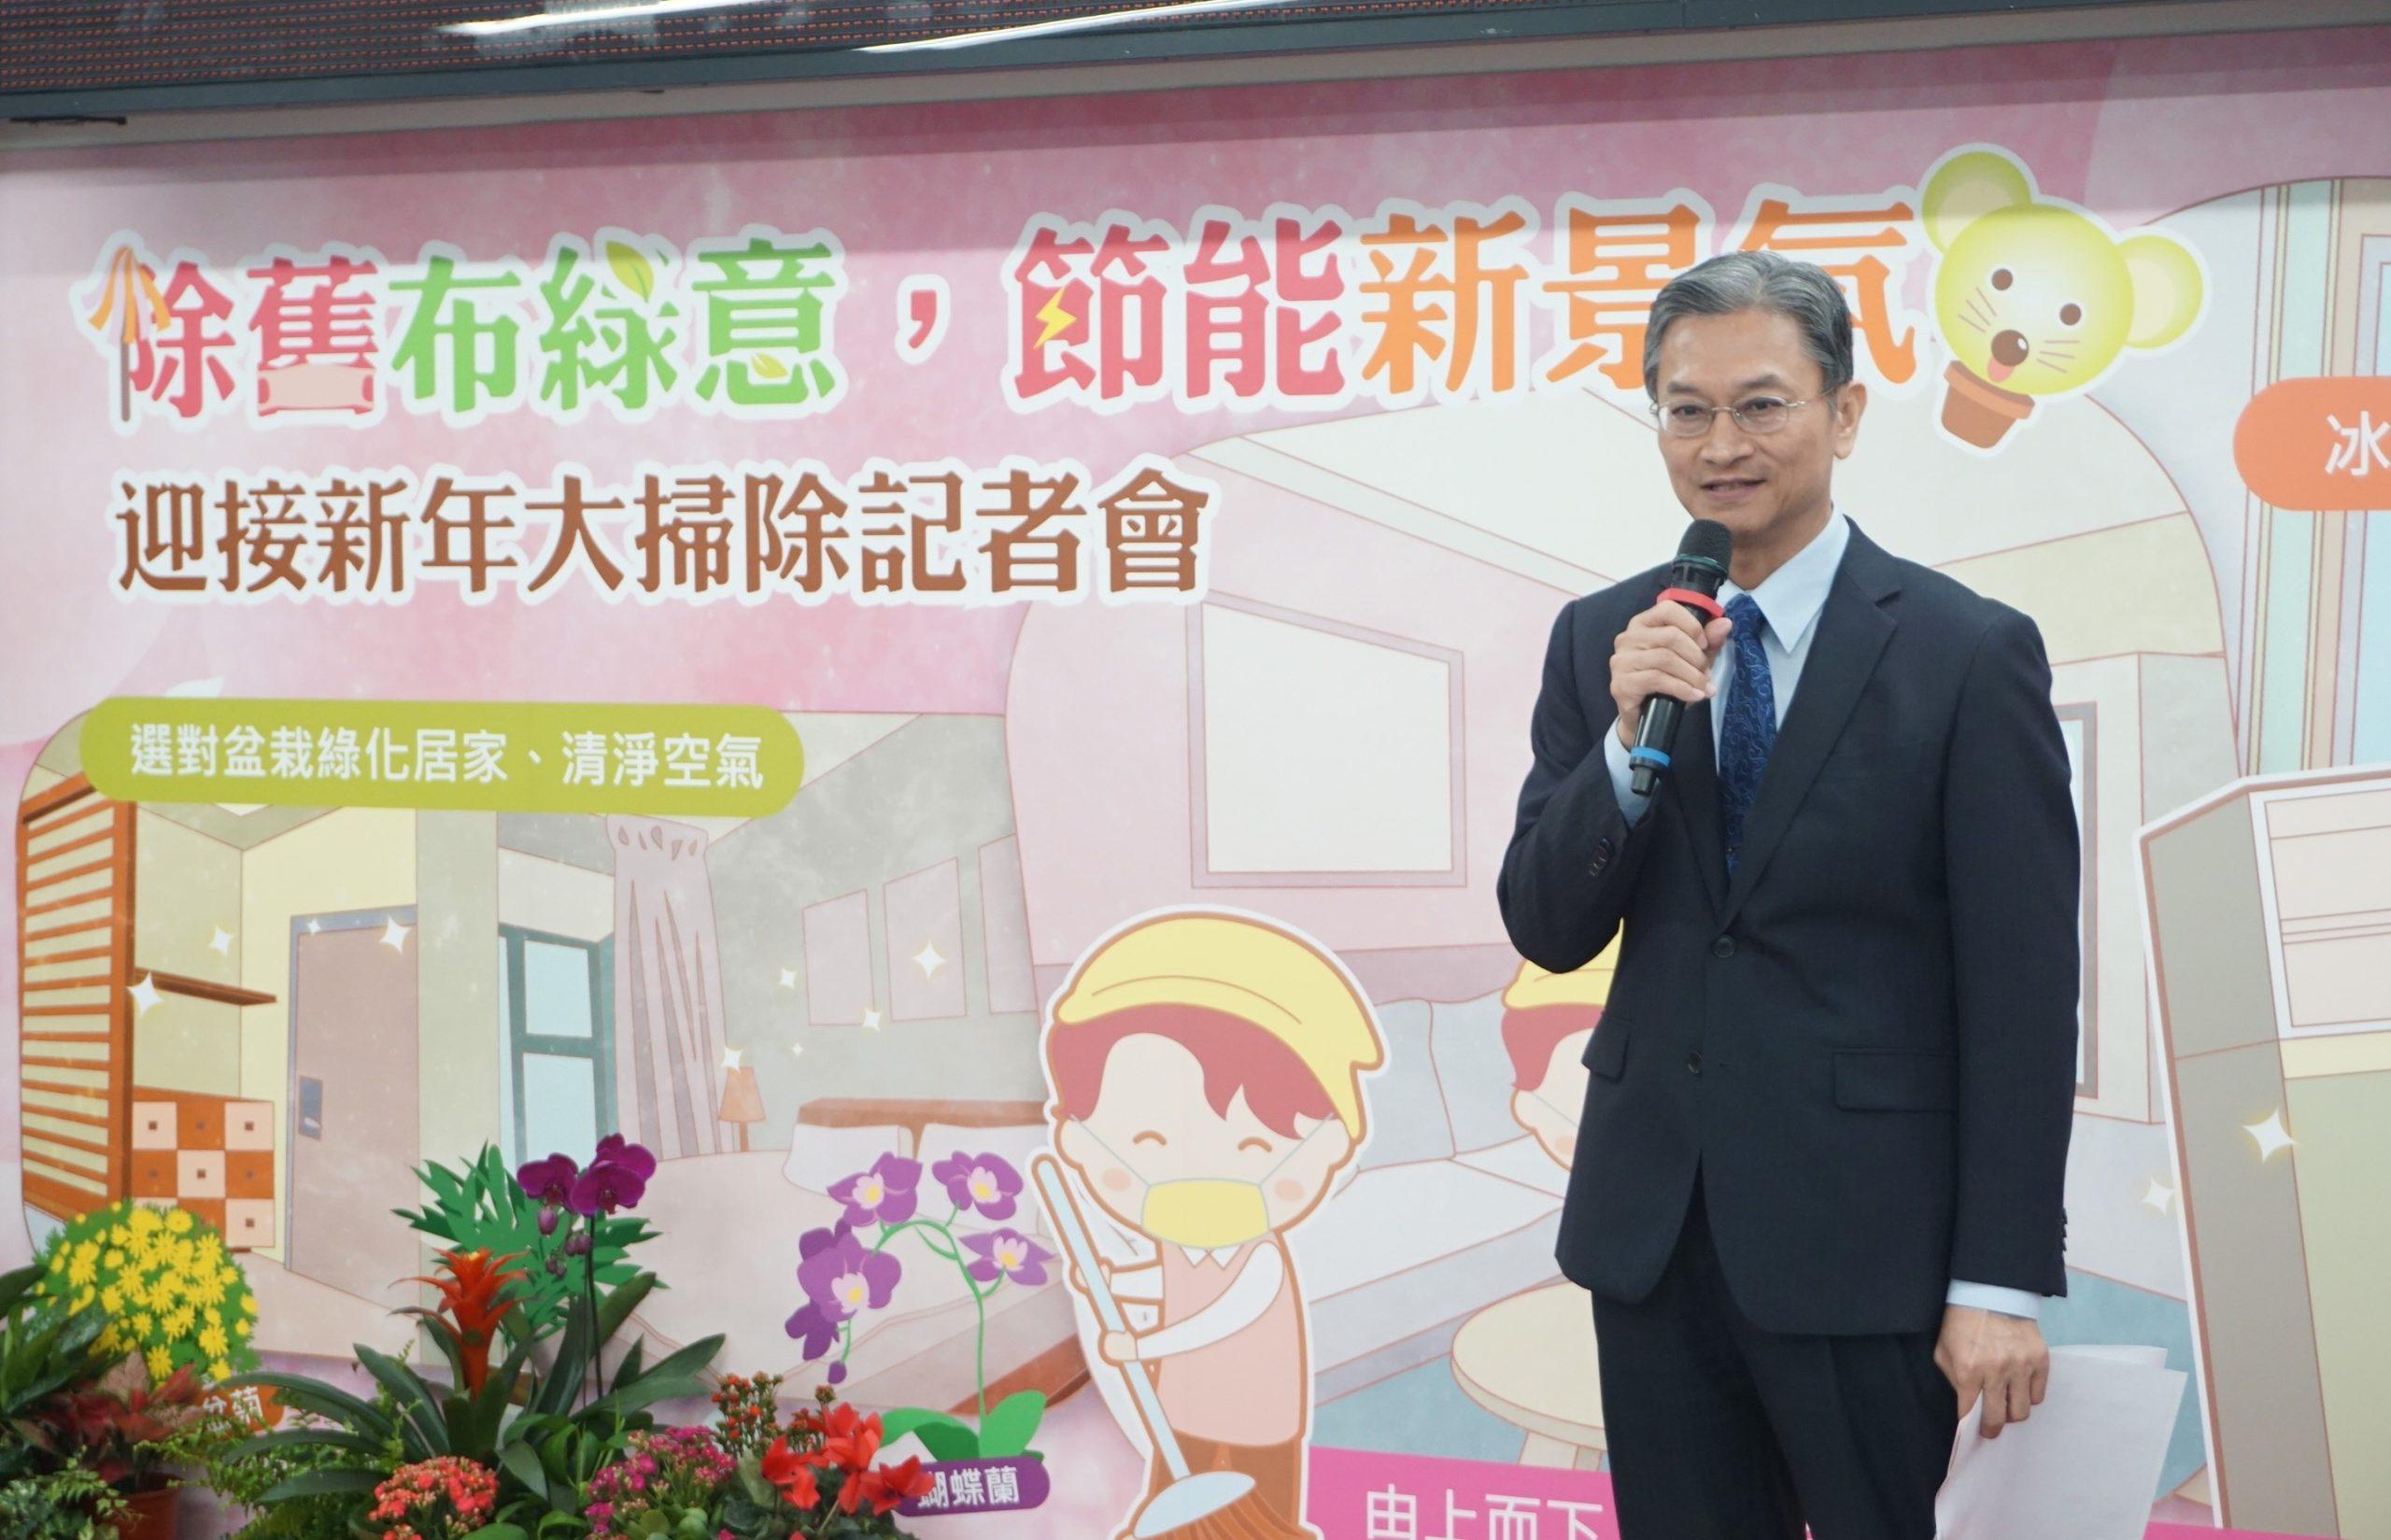 1090107照片_主任秘書葉俊宏說明除舊布綠意兼顧節能方法